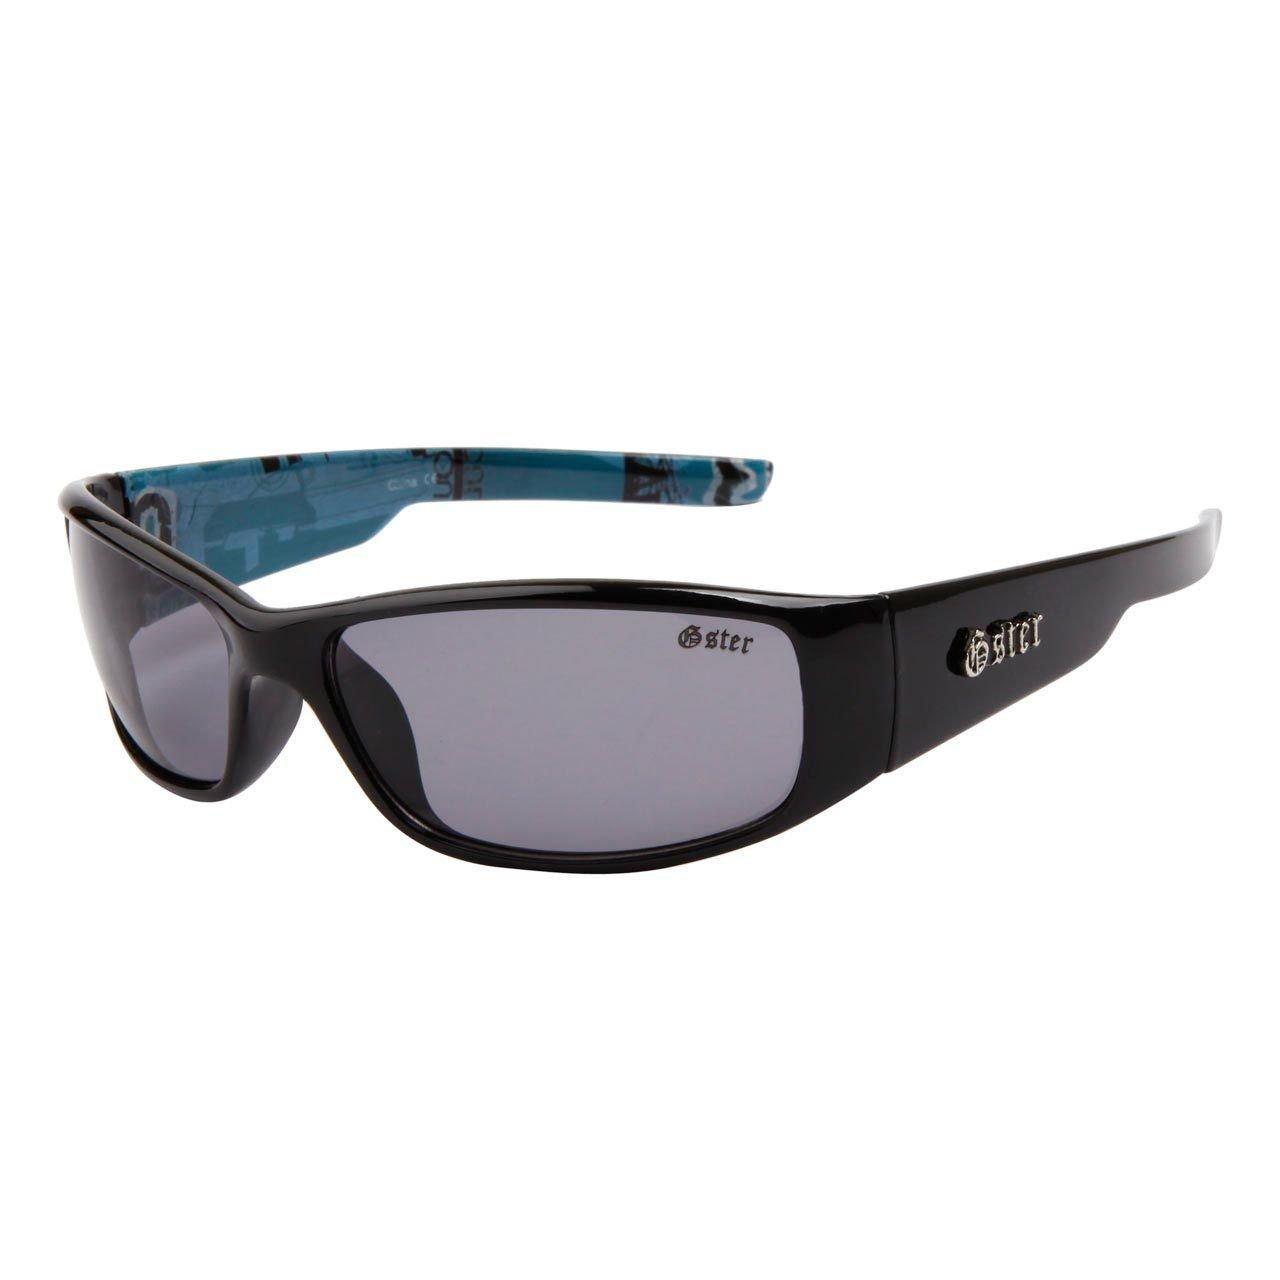 lunettes de soleil sport cyclisme vélo vtt homme femme mixte gs500 (monture noir mat verres gris , largeur:130mm hauteur:35mm)